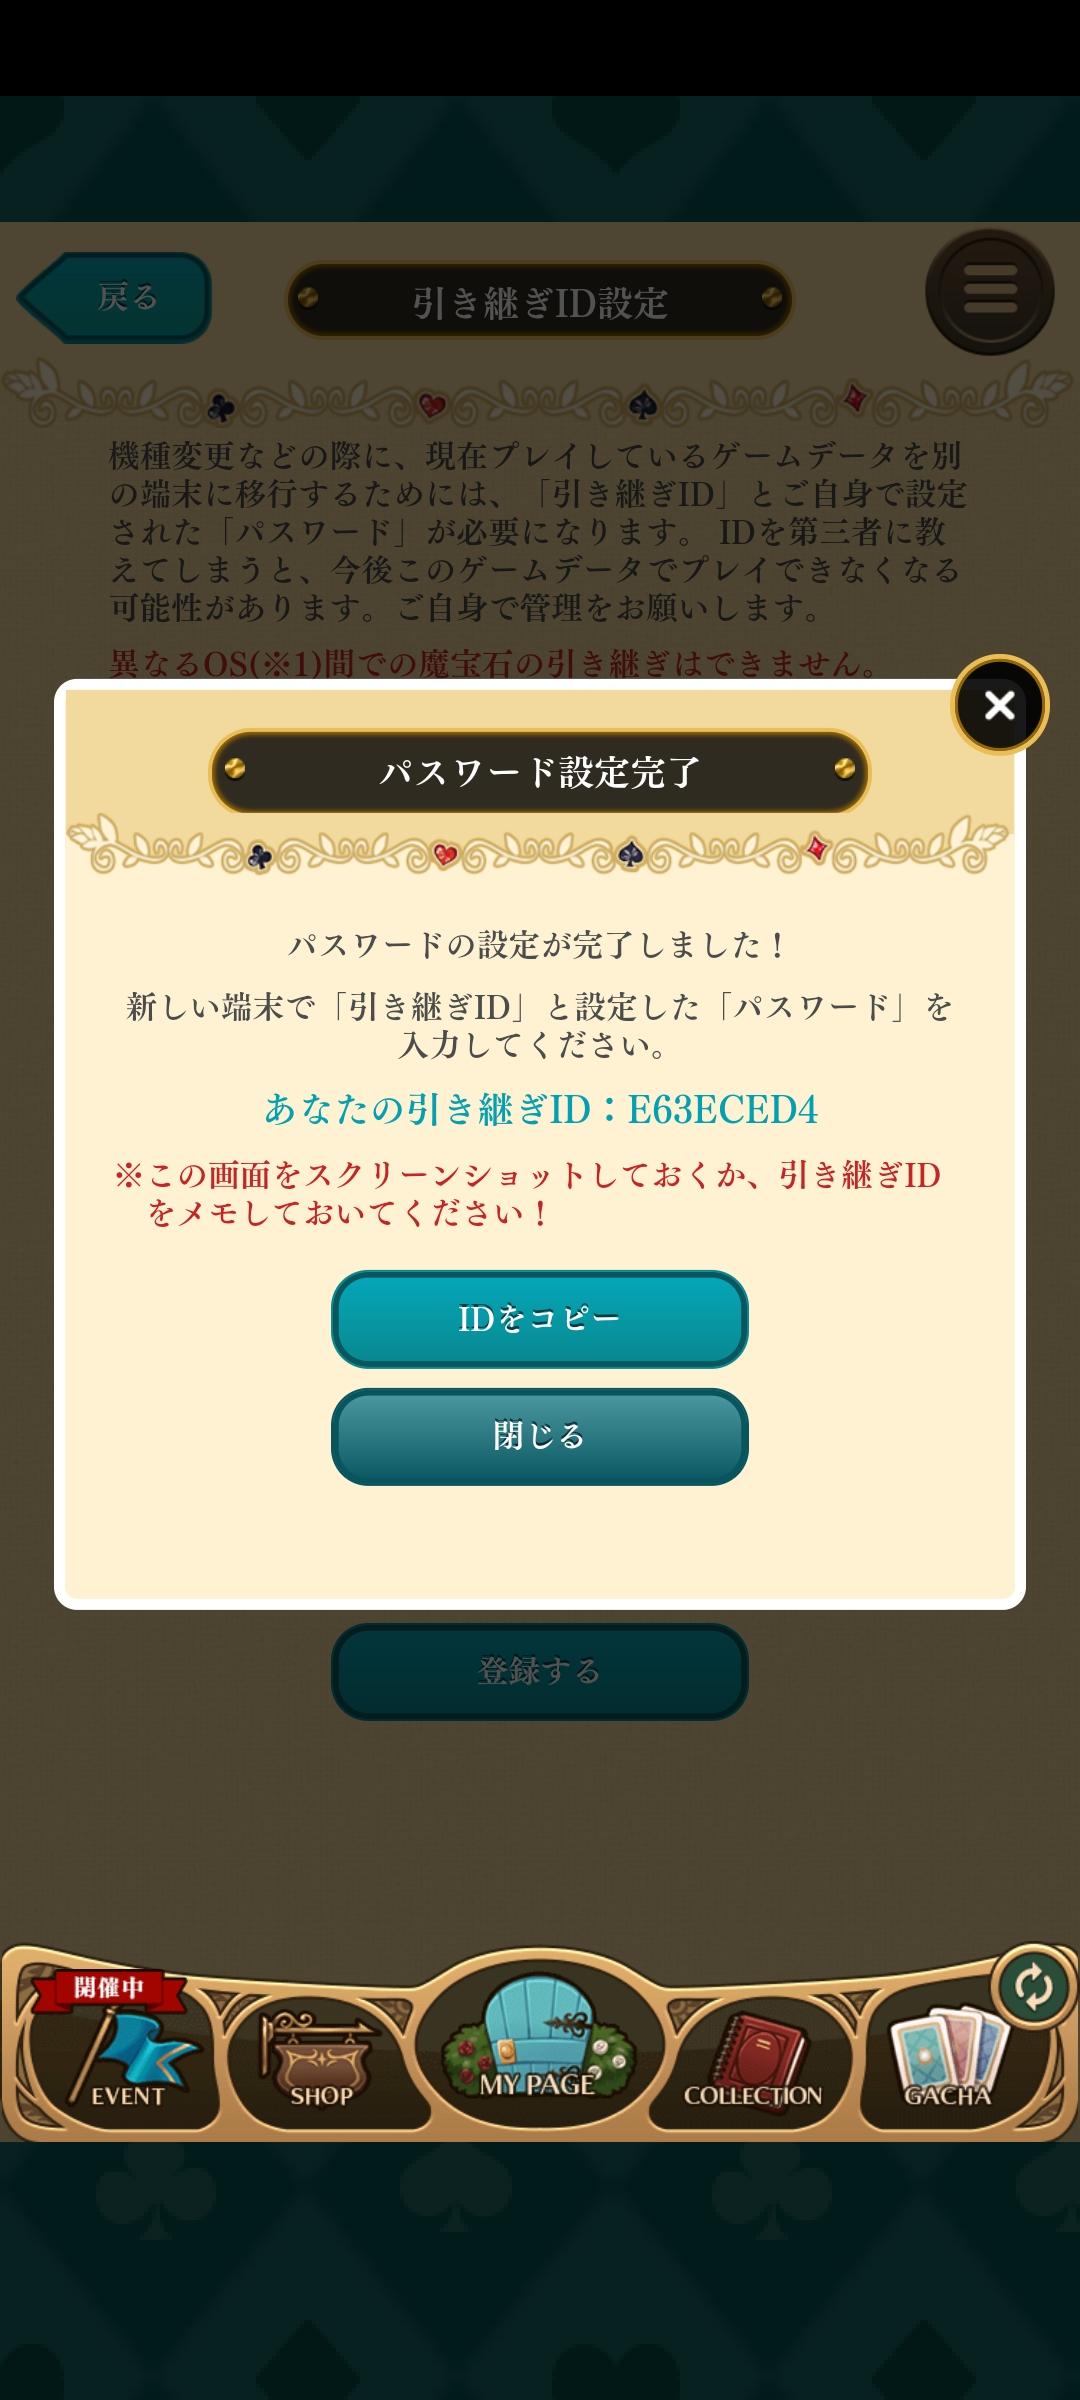 3.「引き継ぎ用ID」と「パスワード」の発行完了!